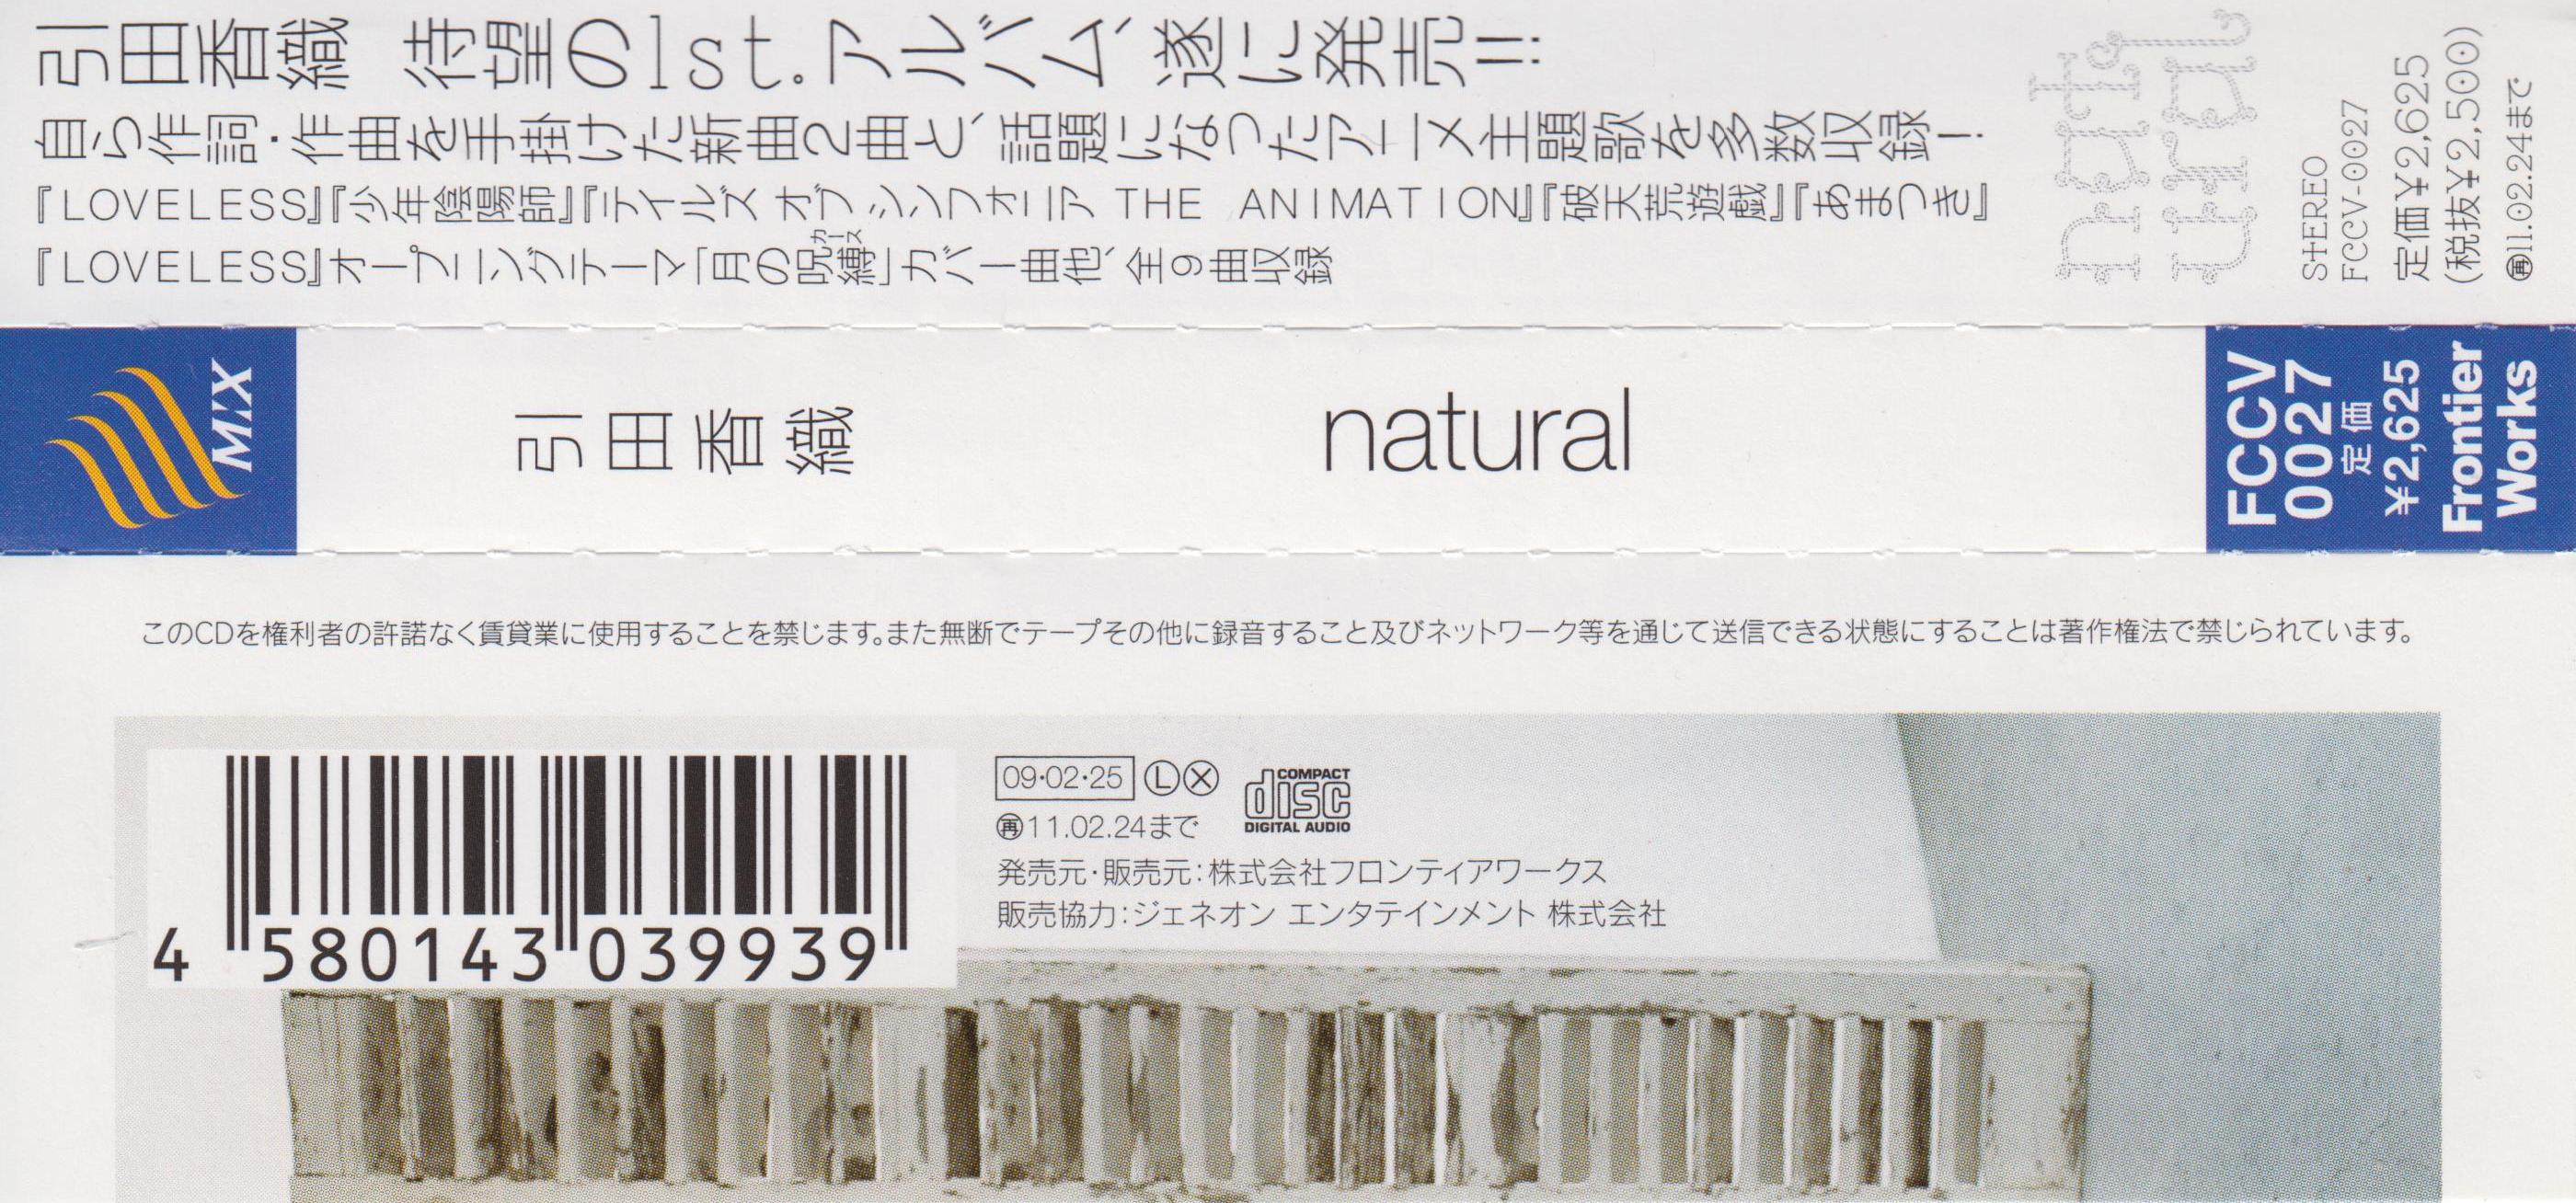 Natural-obi-1.jpg